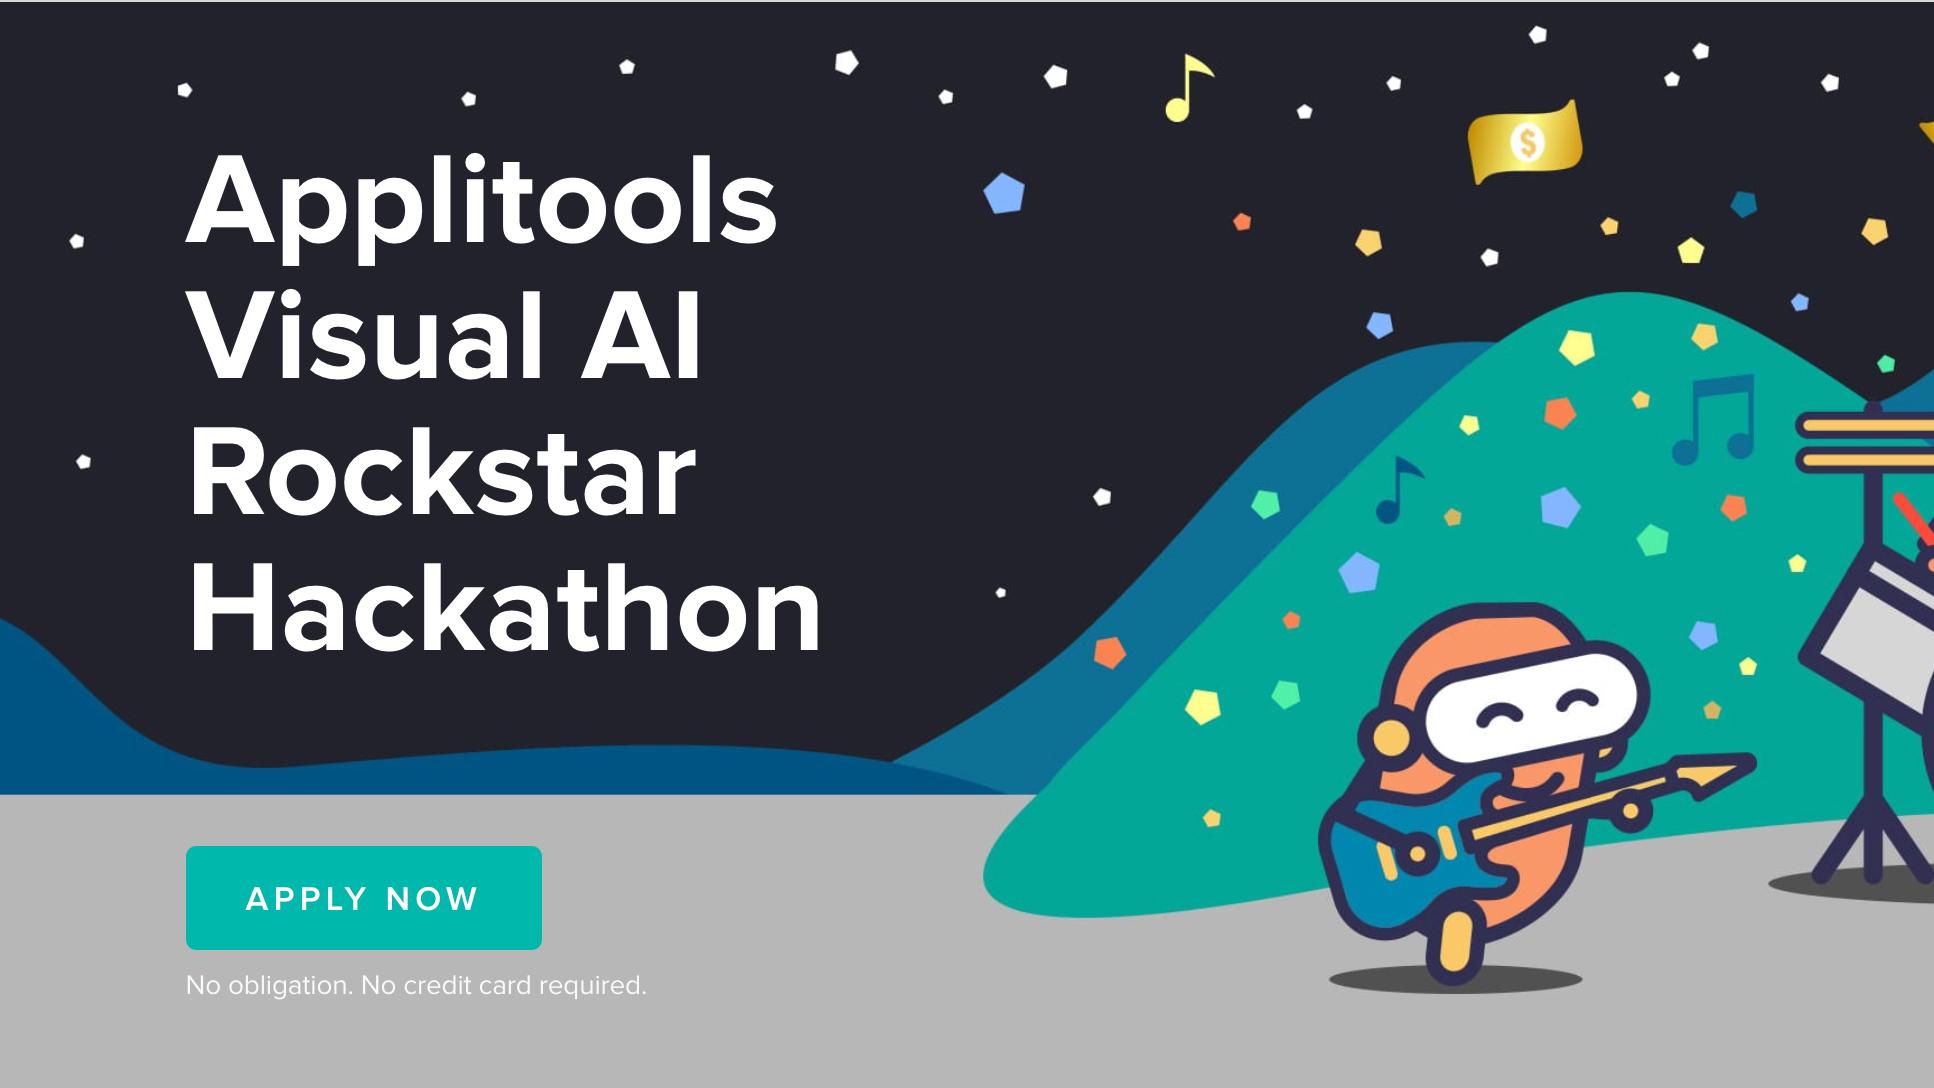 Applitools Hackathon Test Automation